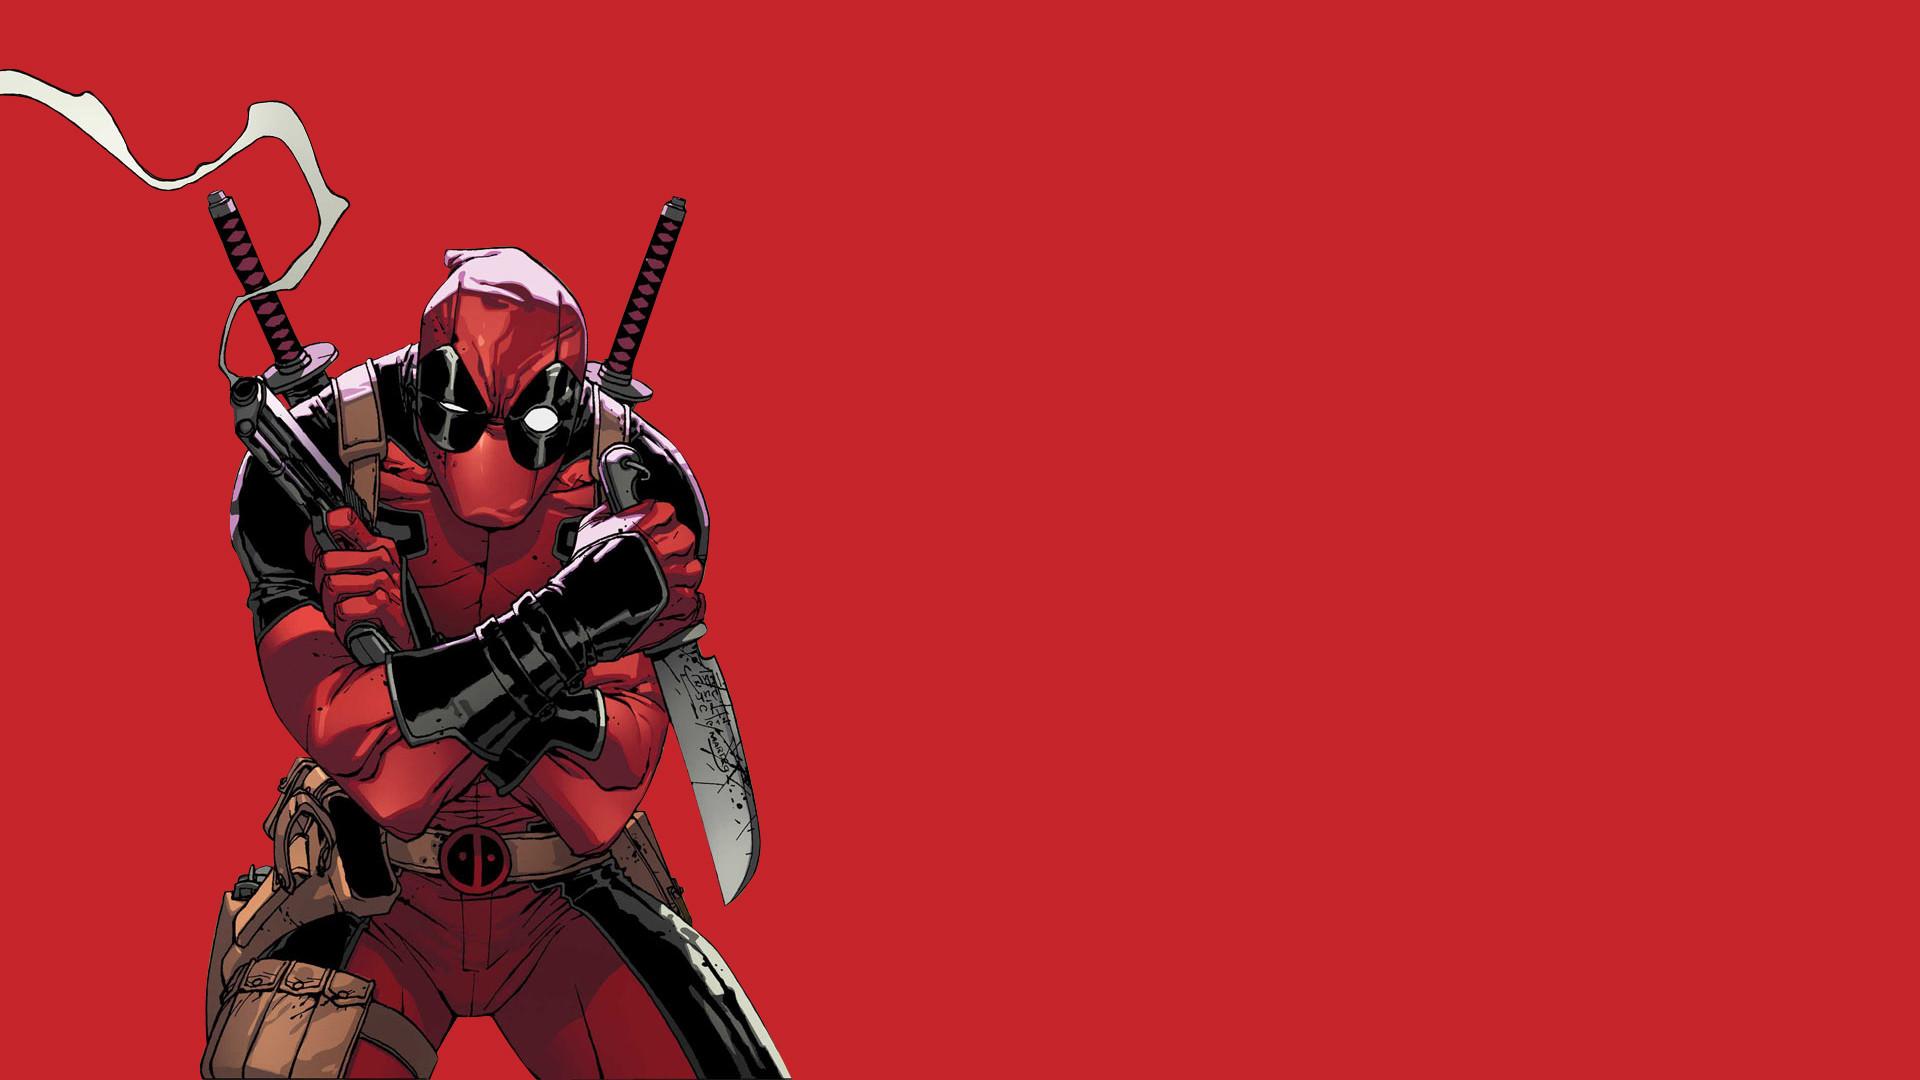 Res: 1920x1080, Deadpool Wallpaper Widescreen